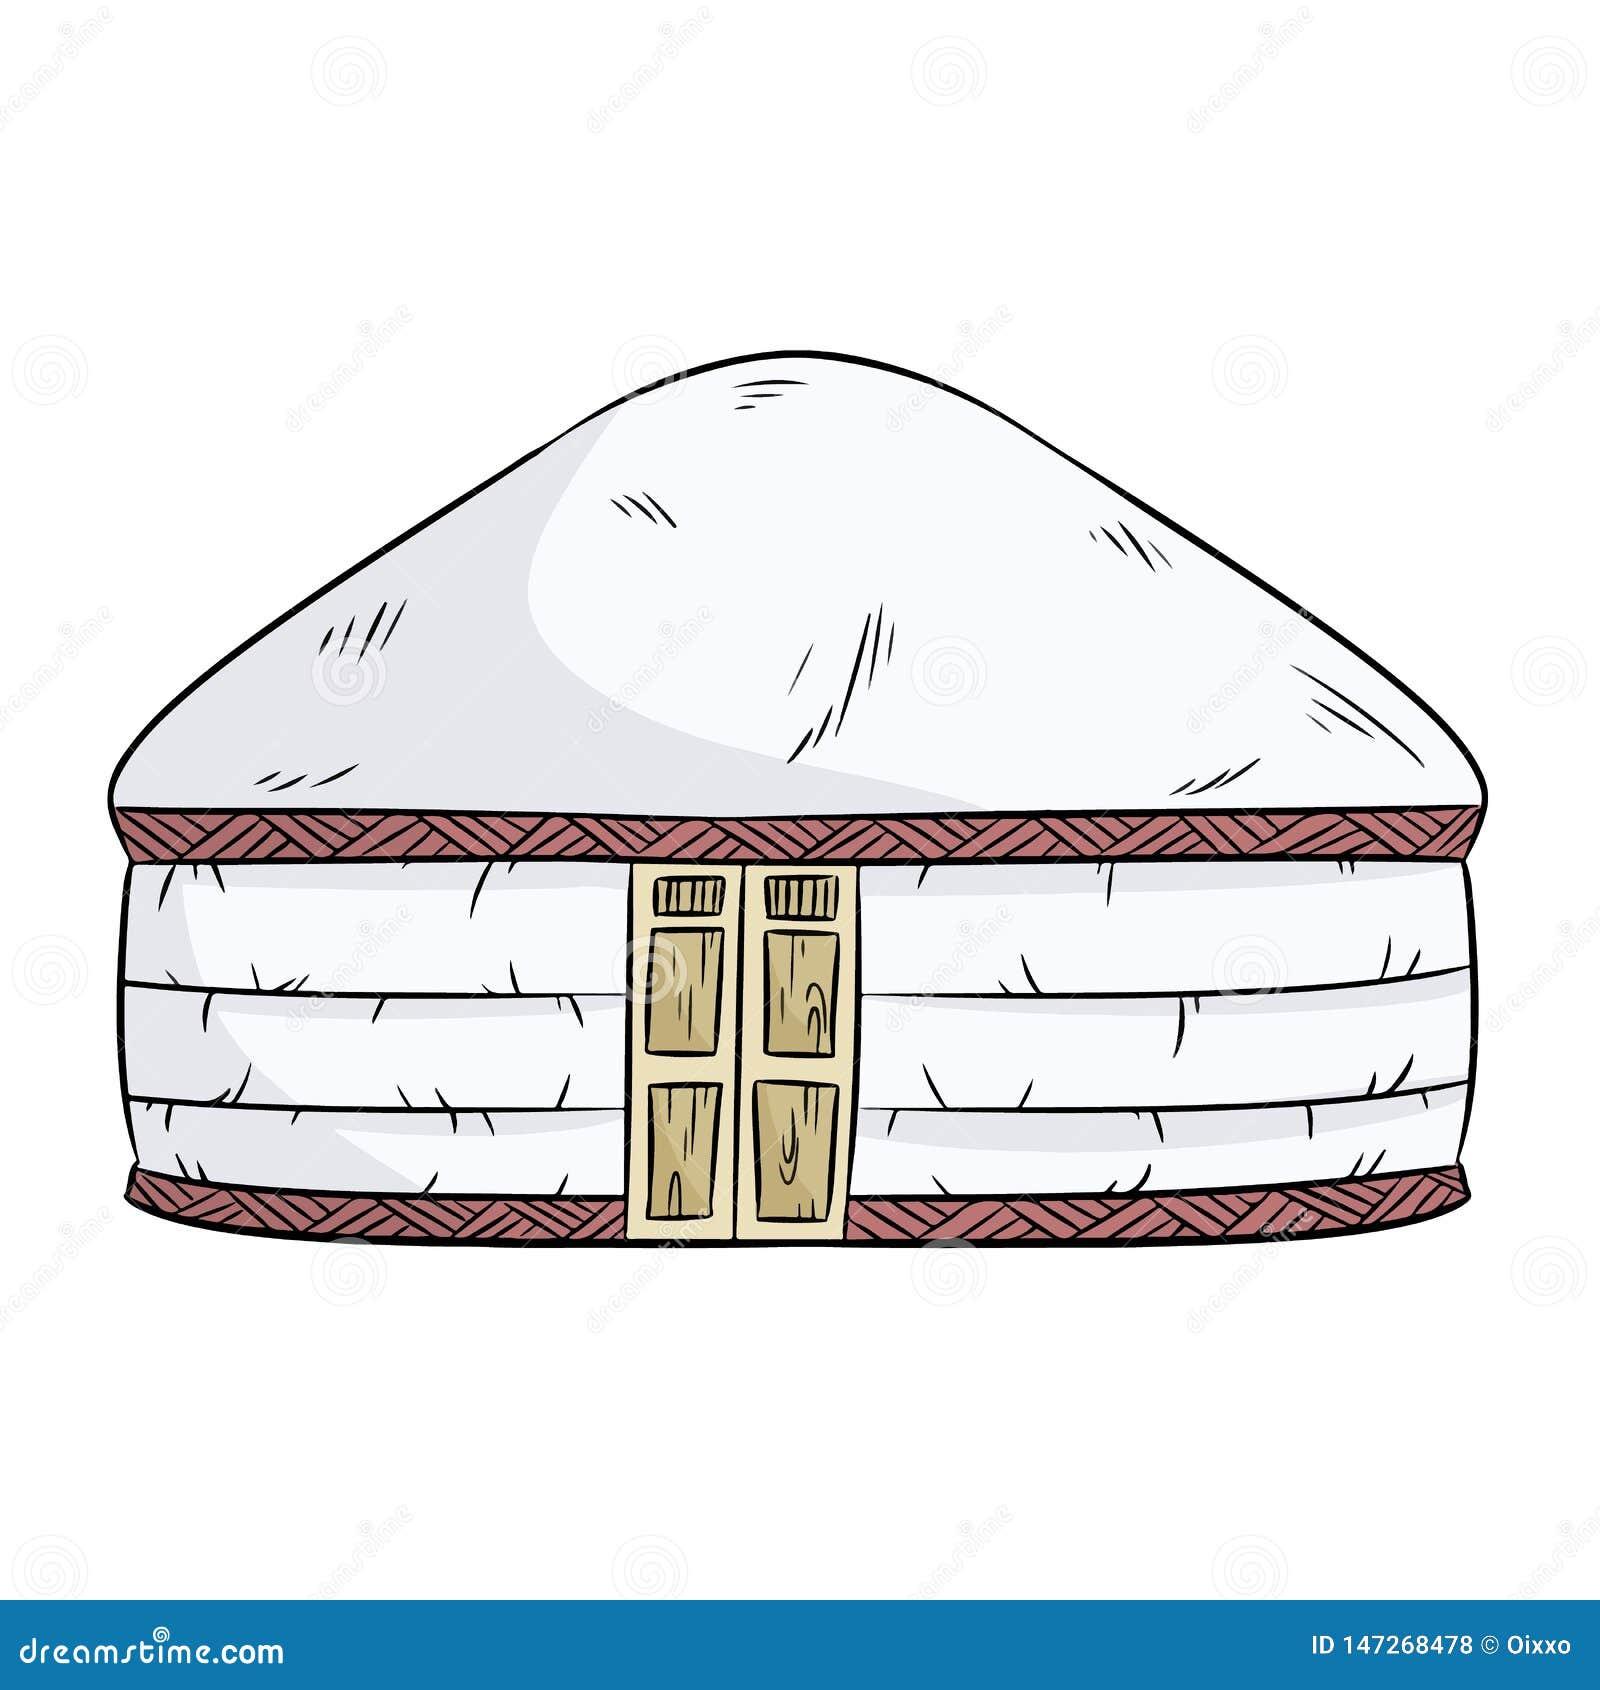 Yurta koczownicy Turczynka koczownika jurty domu namiotowa ilustracja